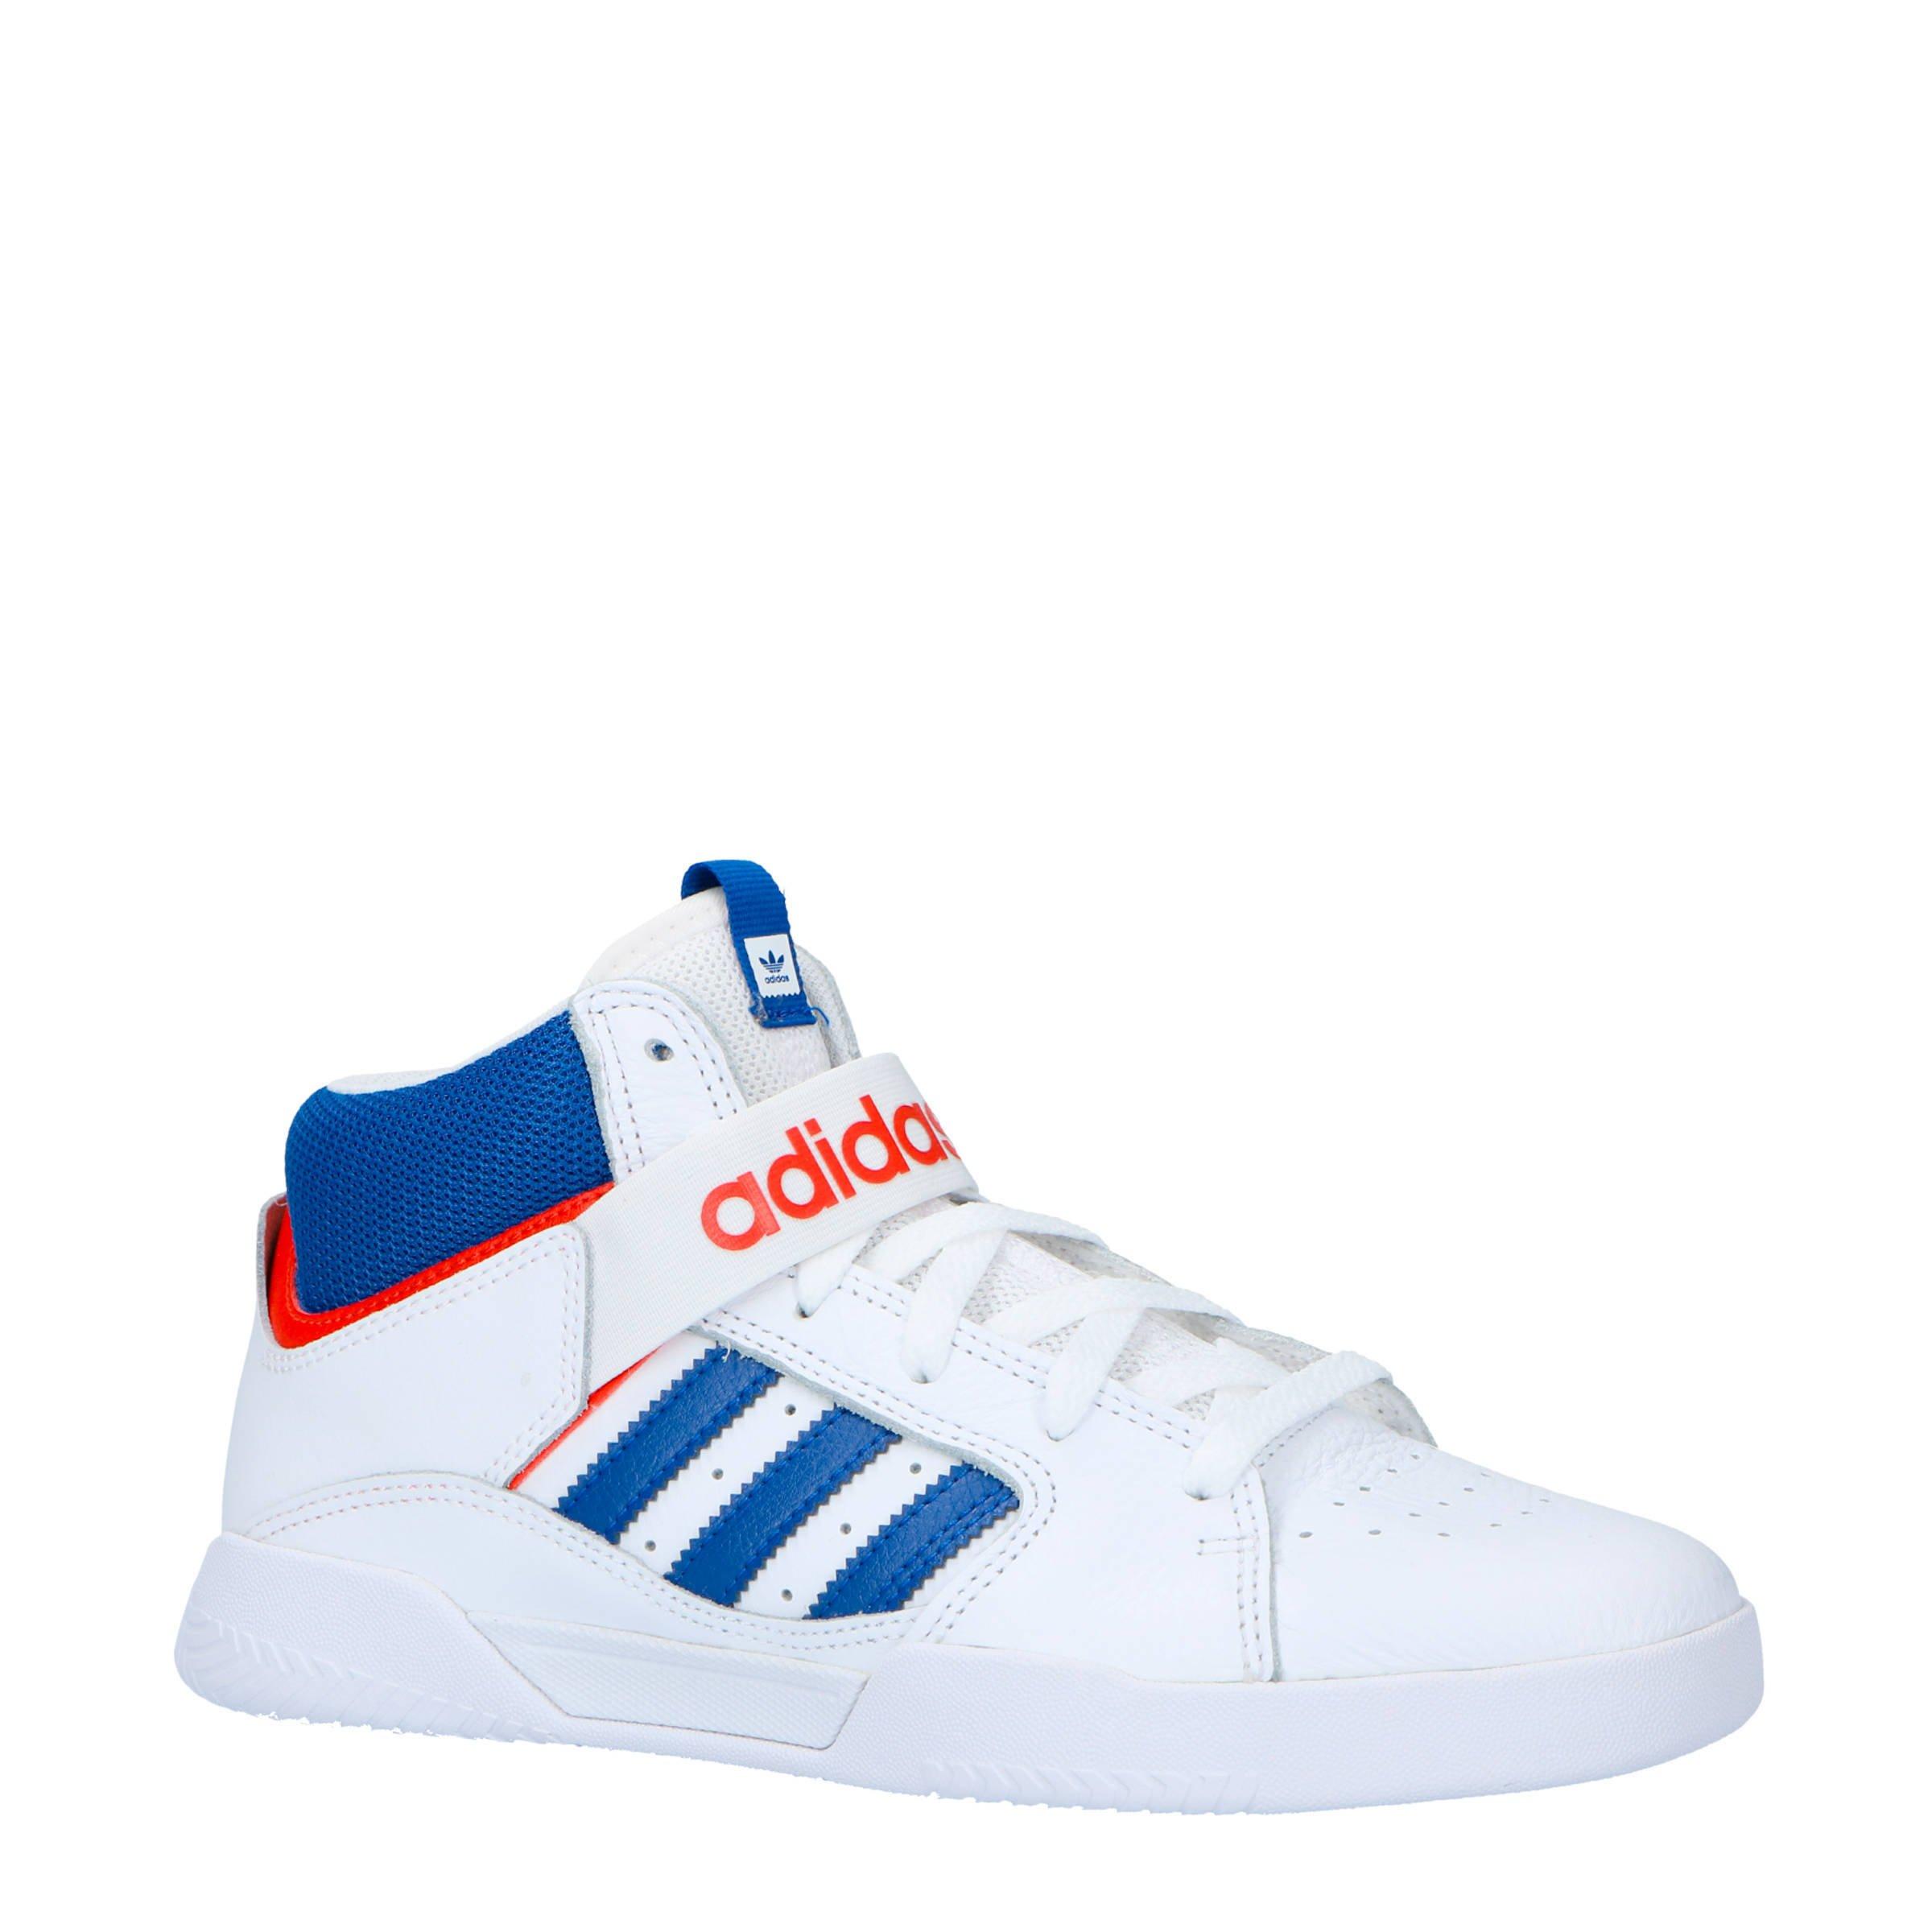 adidas enkel schoenen